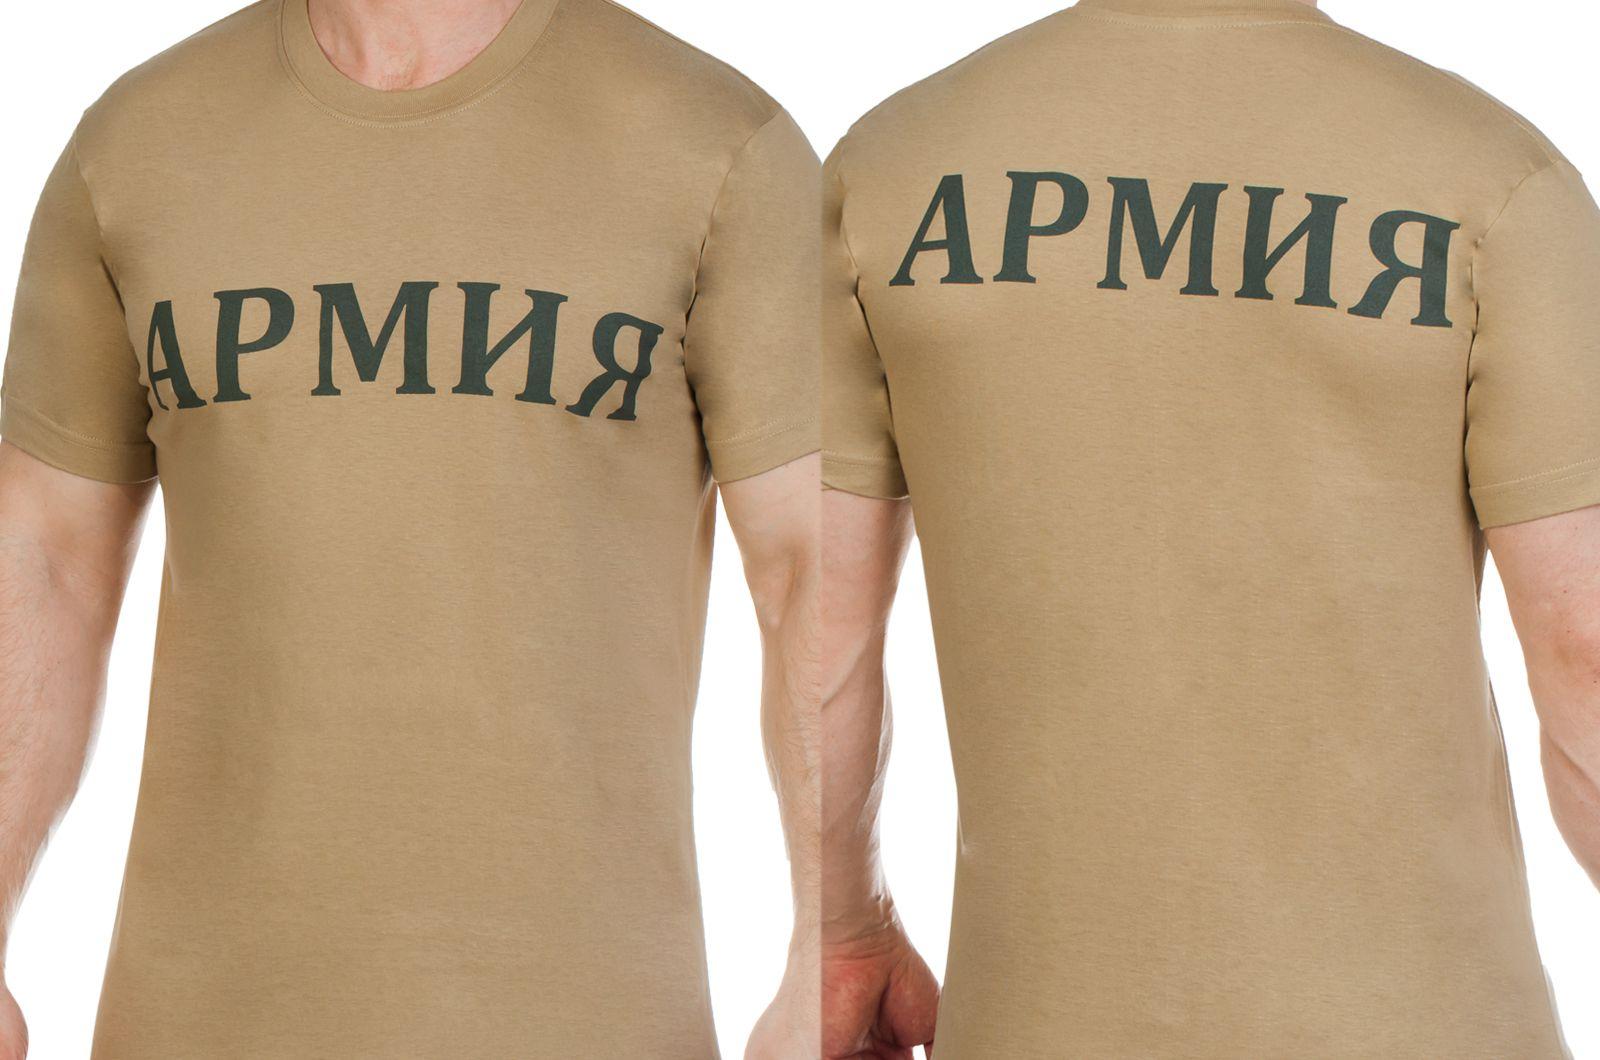 Заказать футболки с надписью «Армия»